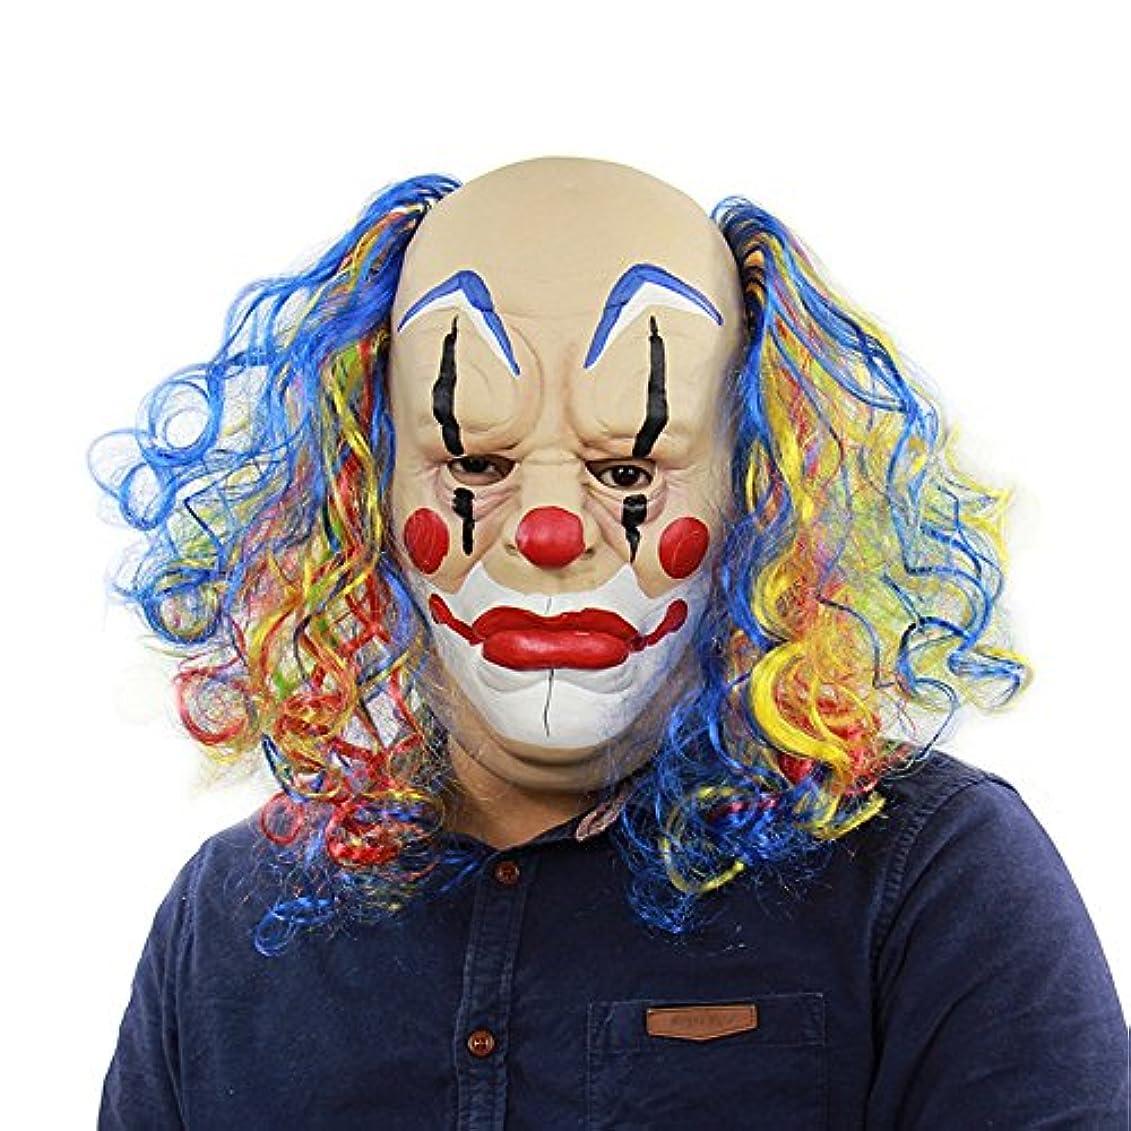 自分空虚恐怖症ハロウィンボールショーマスクカーリーハゲピエロマスクホラーゴーストラテックスマスク